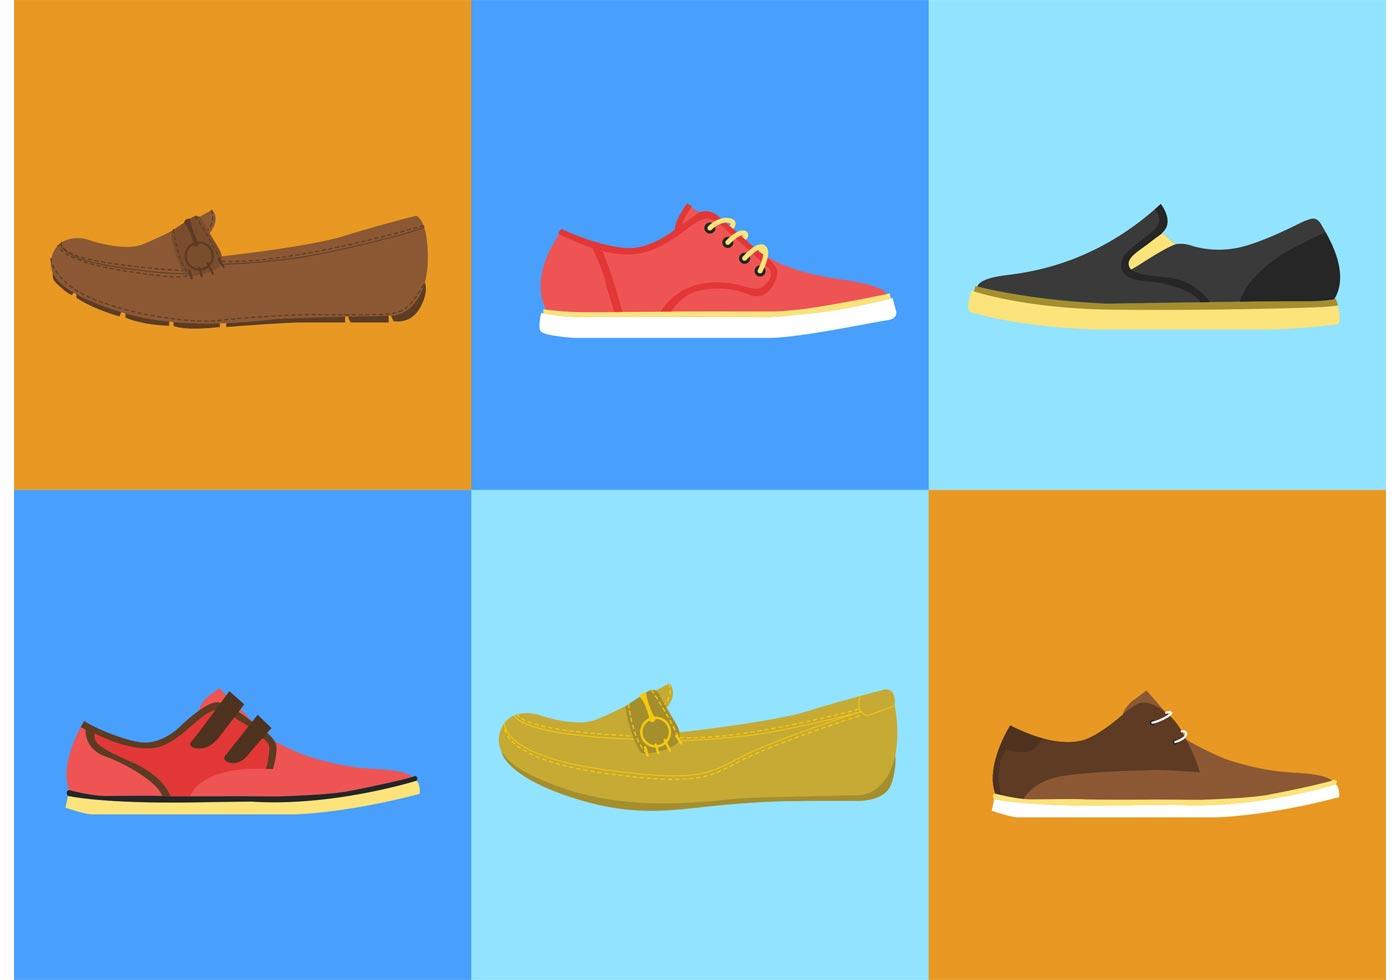 Mens Shoes Vectors Download Free Vector Art Stock